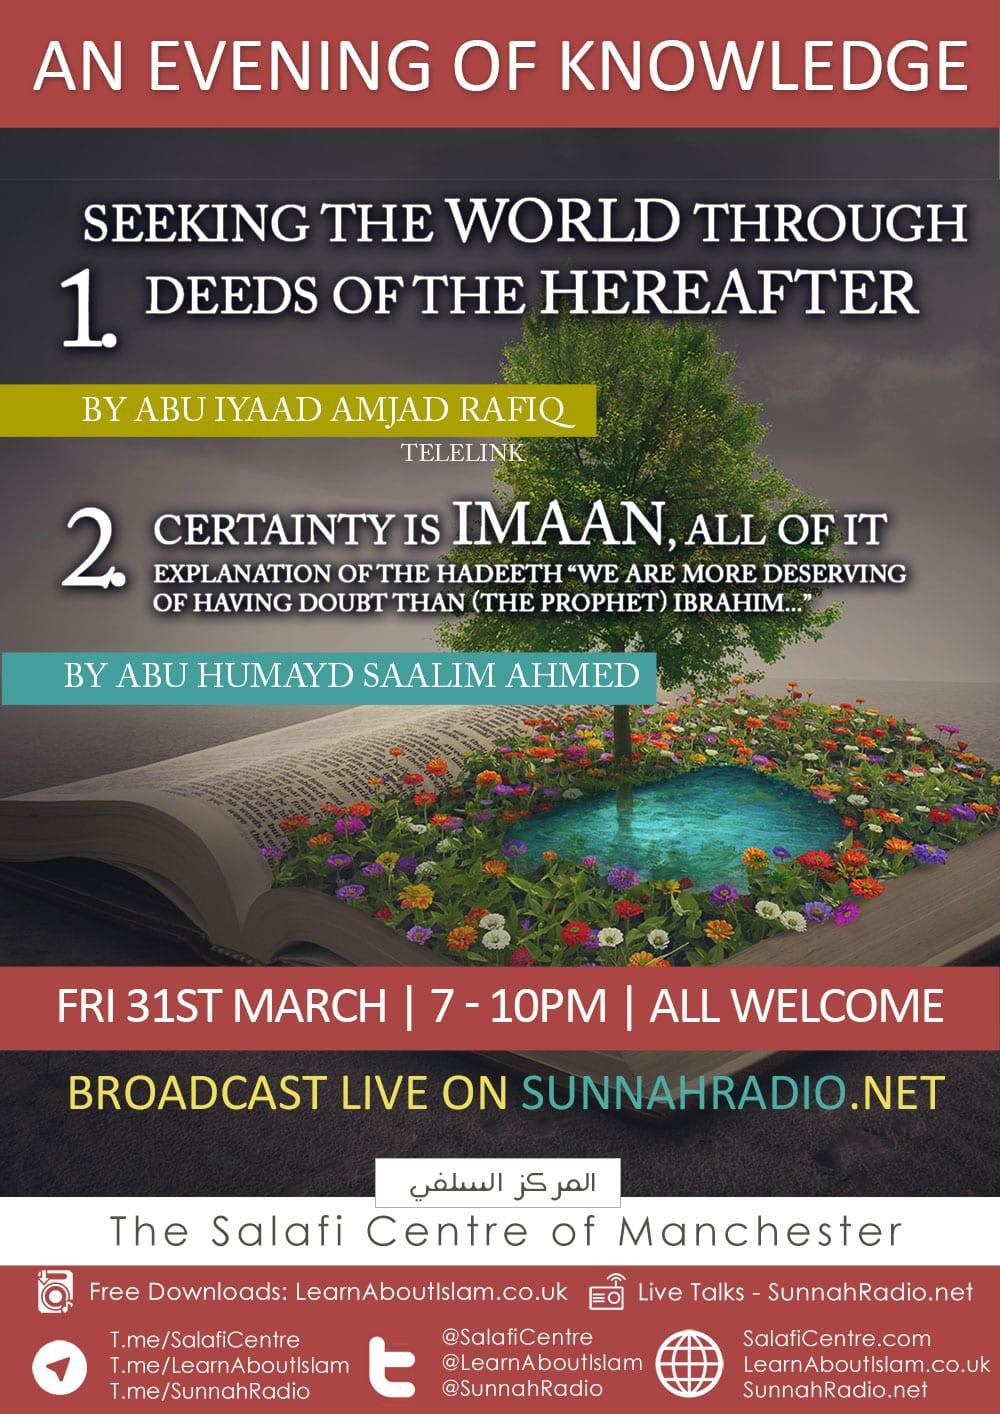 Friday Evening of Knowledge – Lessons with Abu Iyaad Amjad Rafiq & Abu Humayd Saalim Ahmed